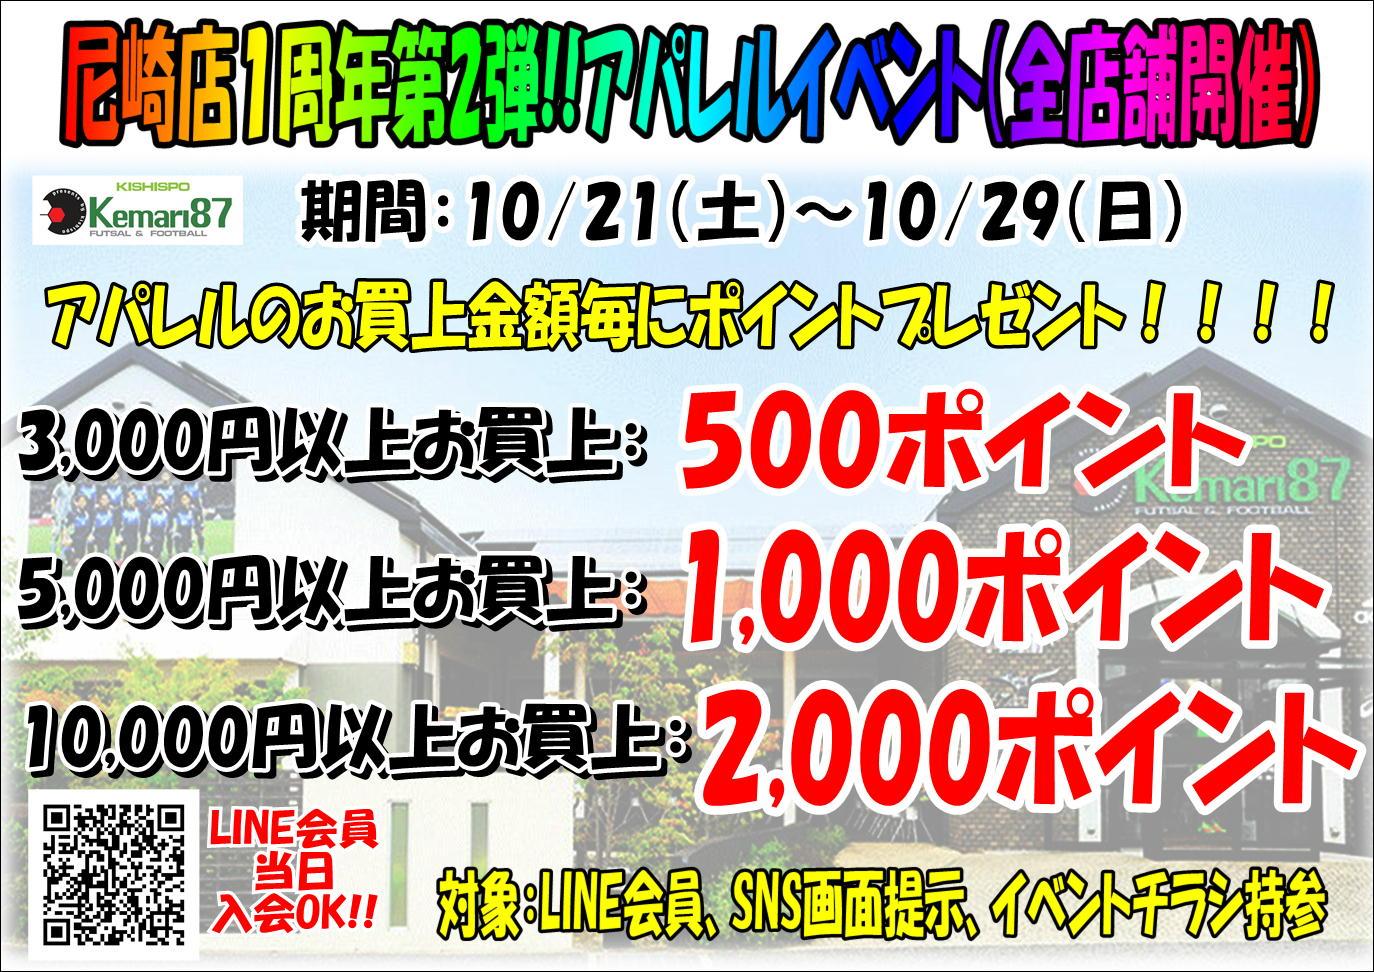 【ポイントバックキャンペーン開催!!】